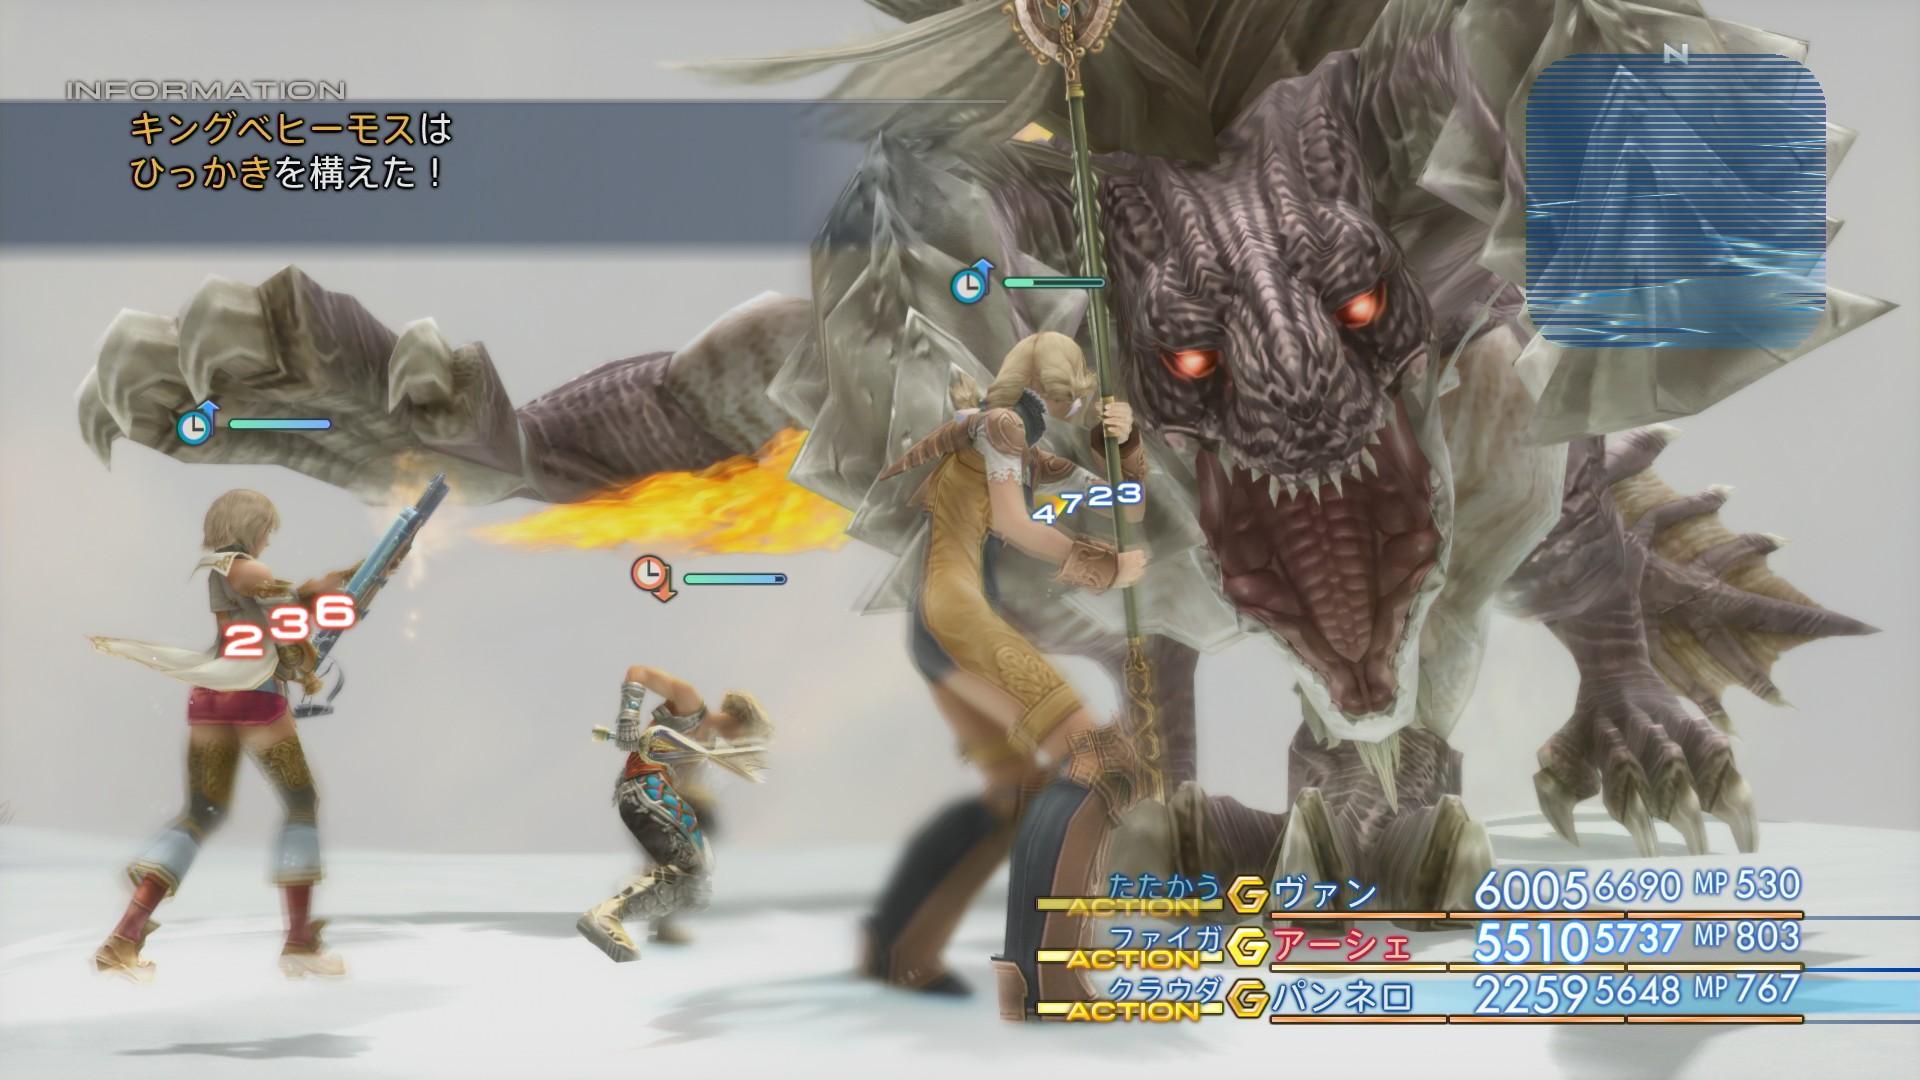 Lov, klany a nepřátelé z Final Fantasy XII: The Zodiac Age na screenshotech 146311